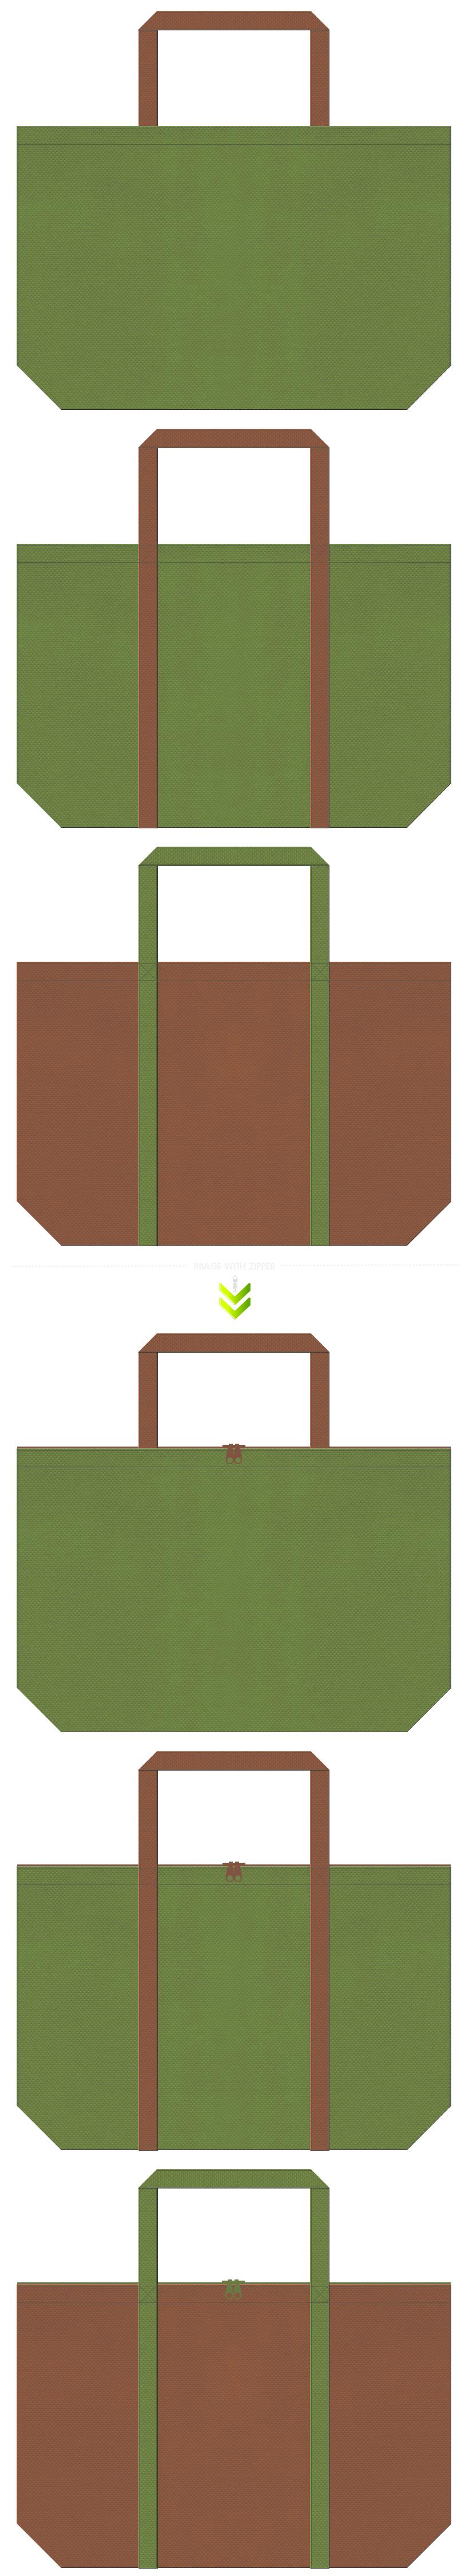 草色と茶色の不織布バッグデザイン。草餅風の配色で、和菓子のショッピングバッグにお奨めです。